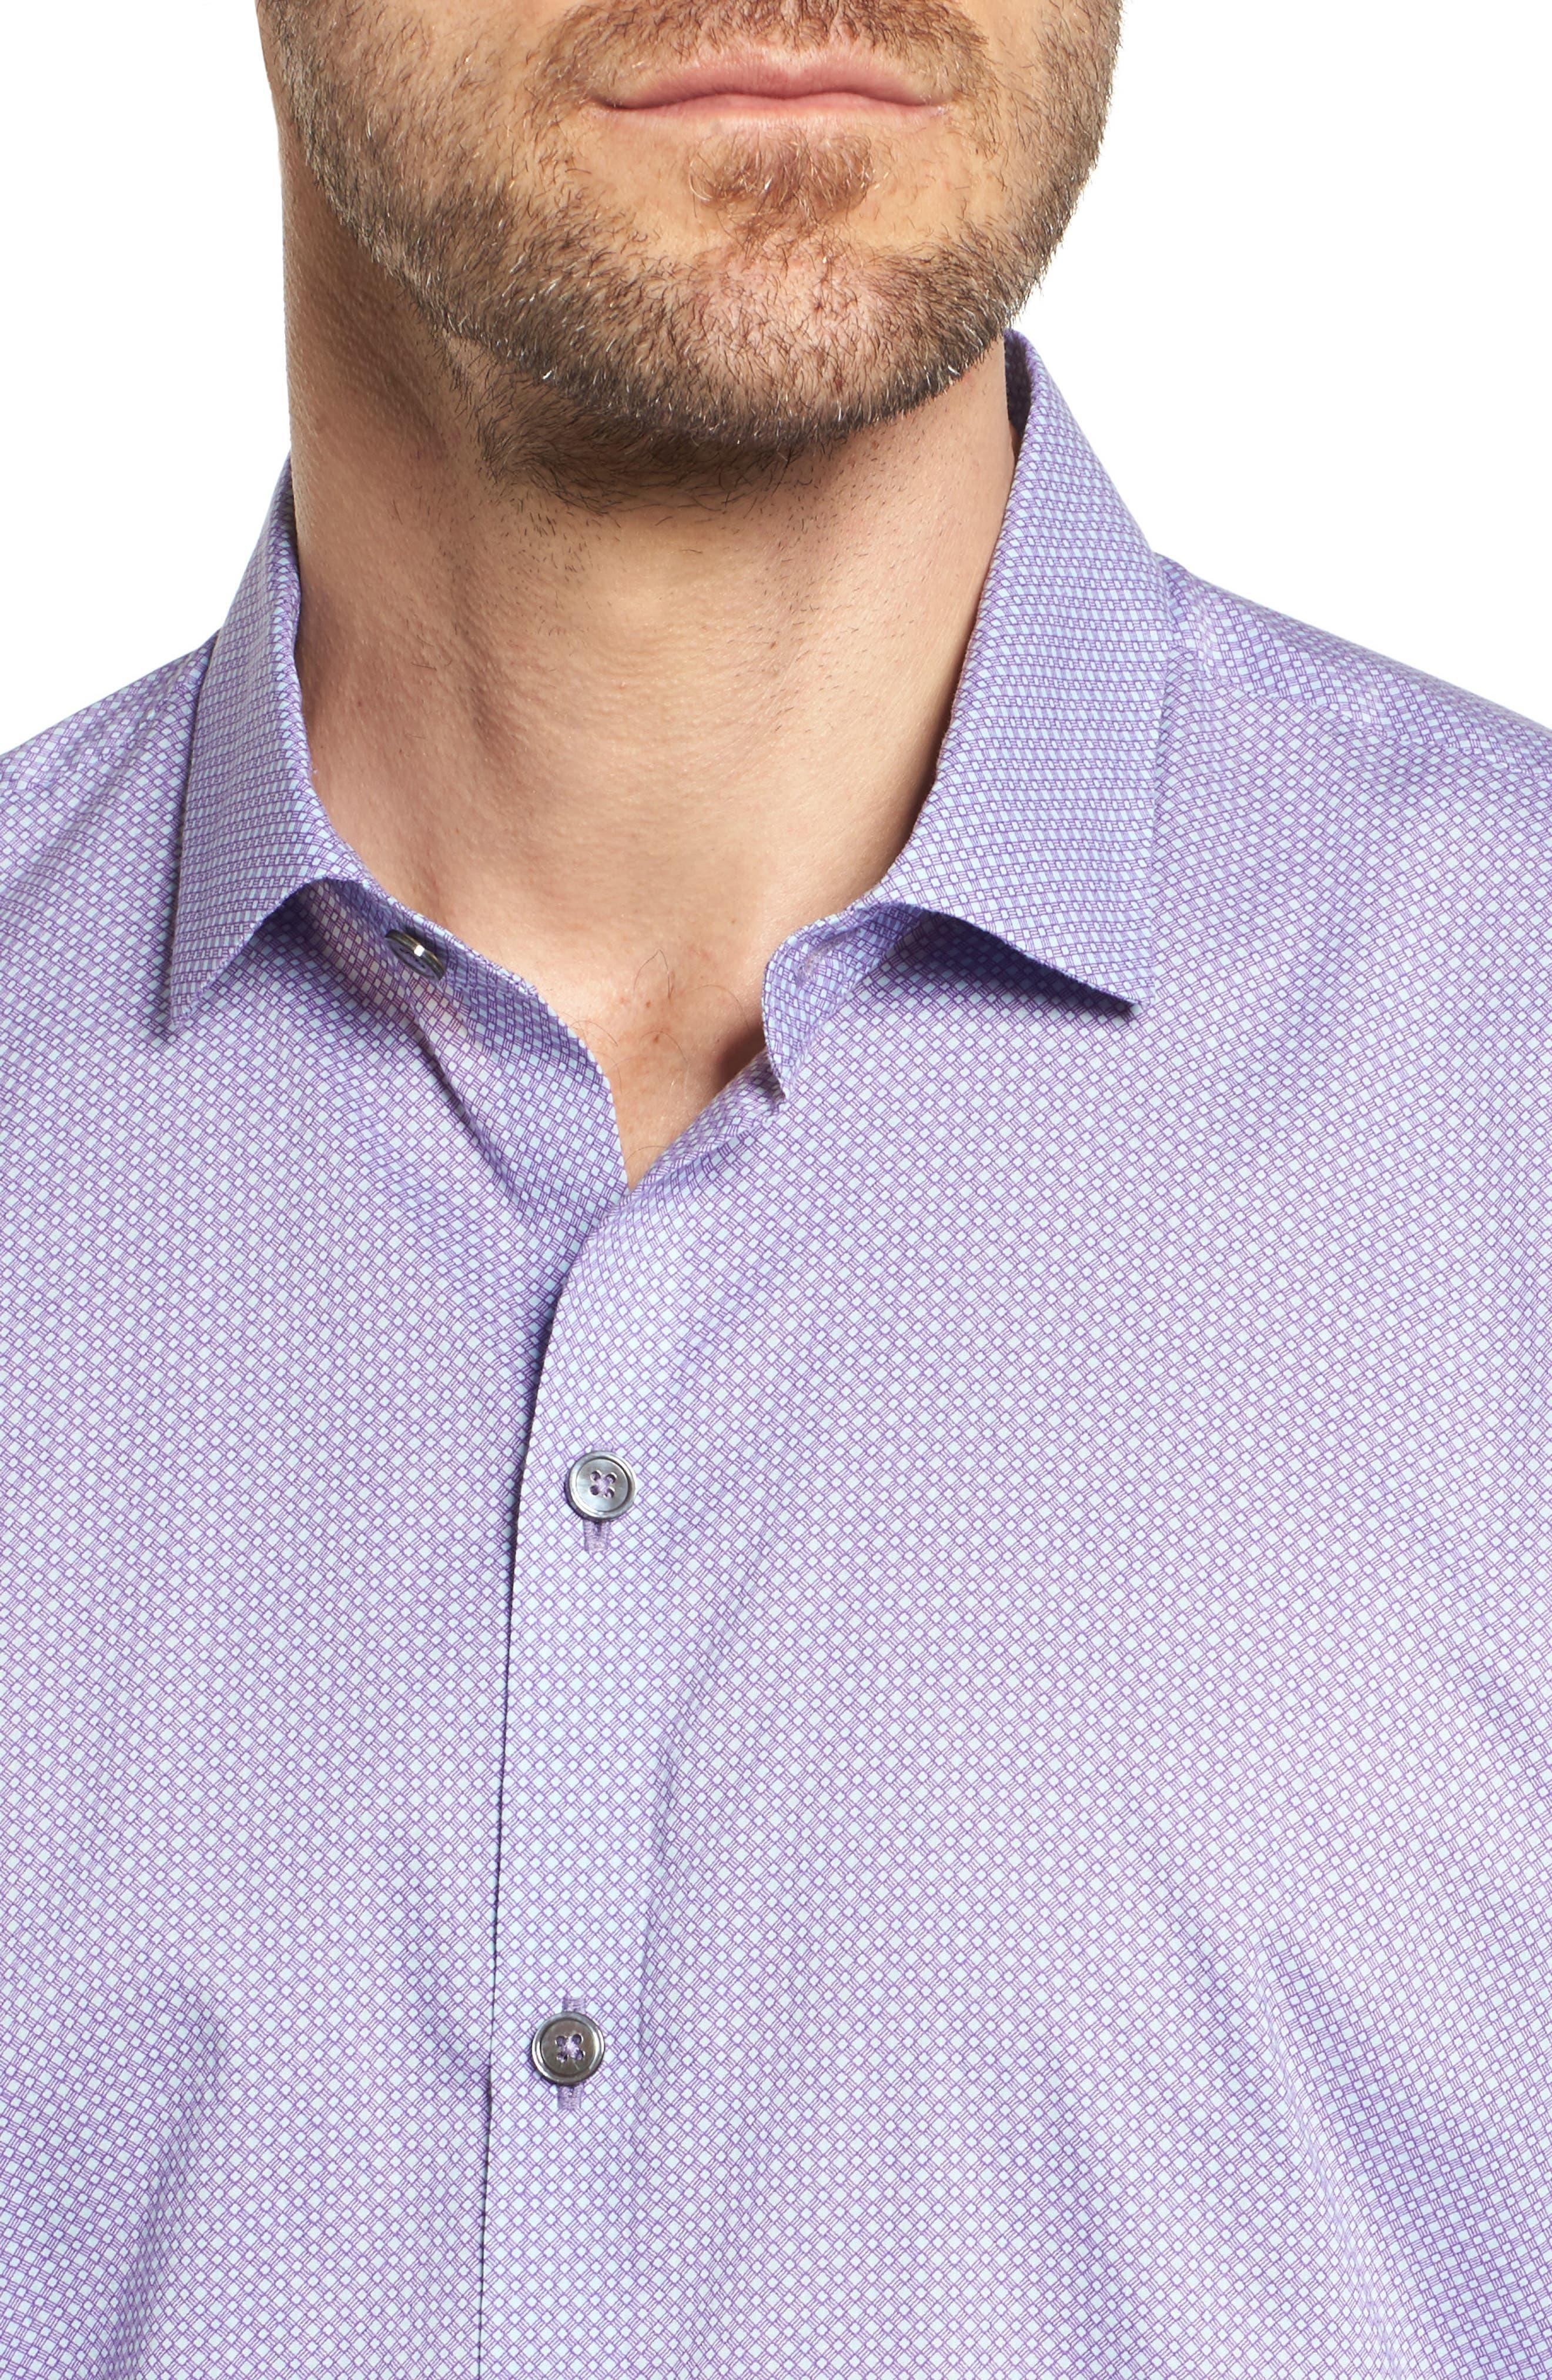 O'Malley Circle Print Sport Shirt,                             Alternate thumbnail 4, color,                             500